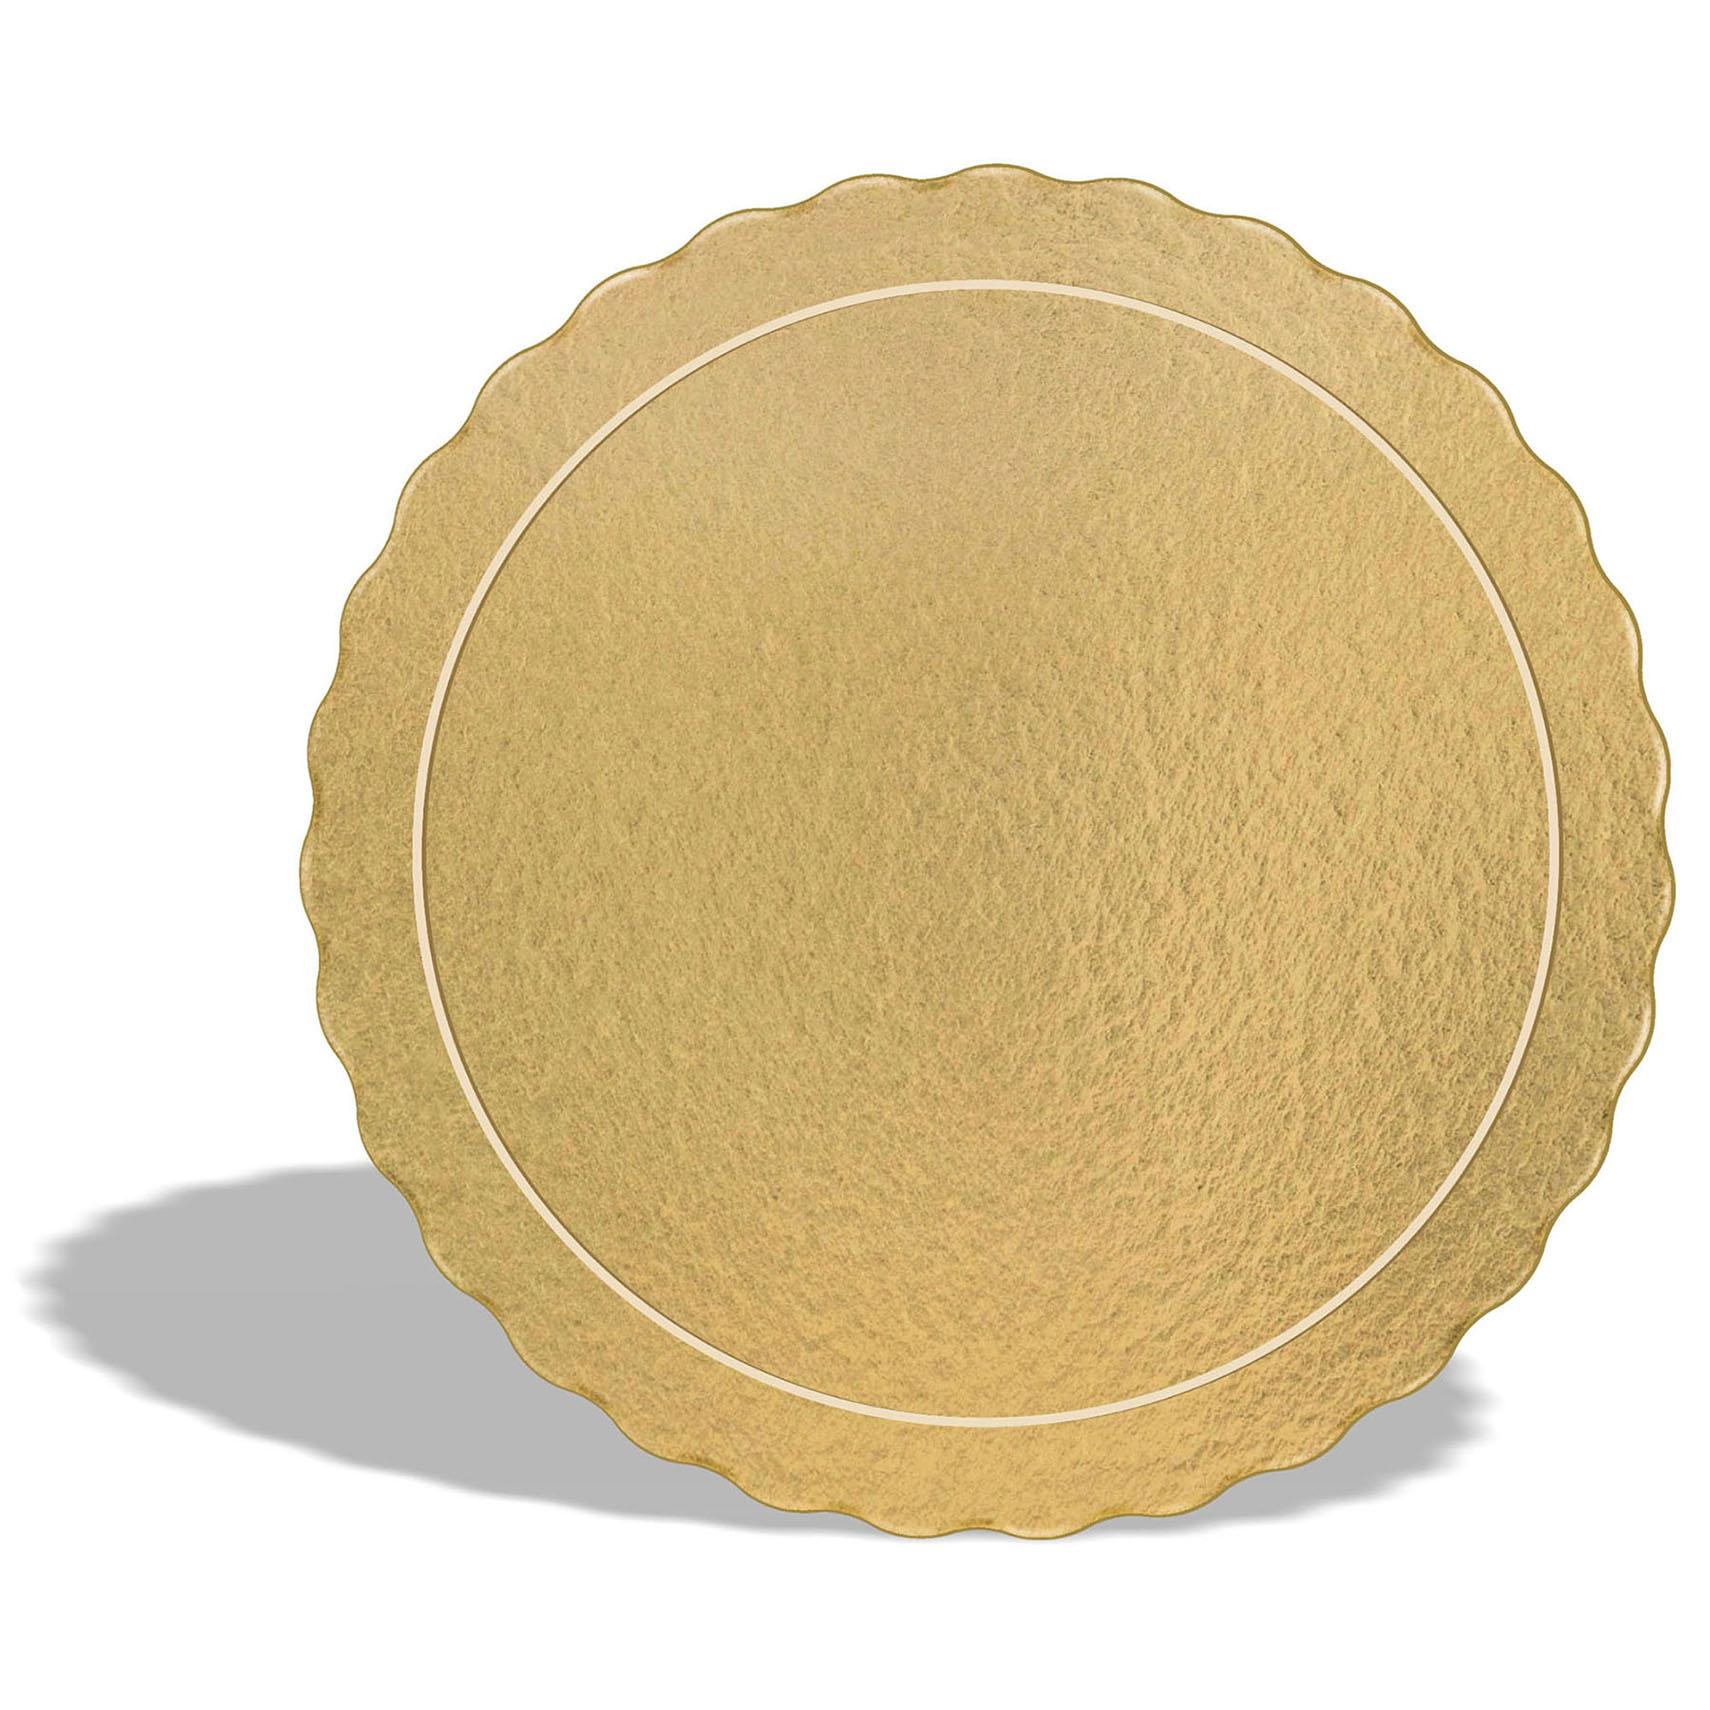 Kit 60 Bases Laminadas Para Bolo, Cake Board, 20, 25 e 30cm - Ouro